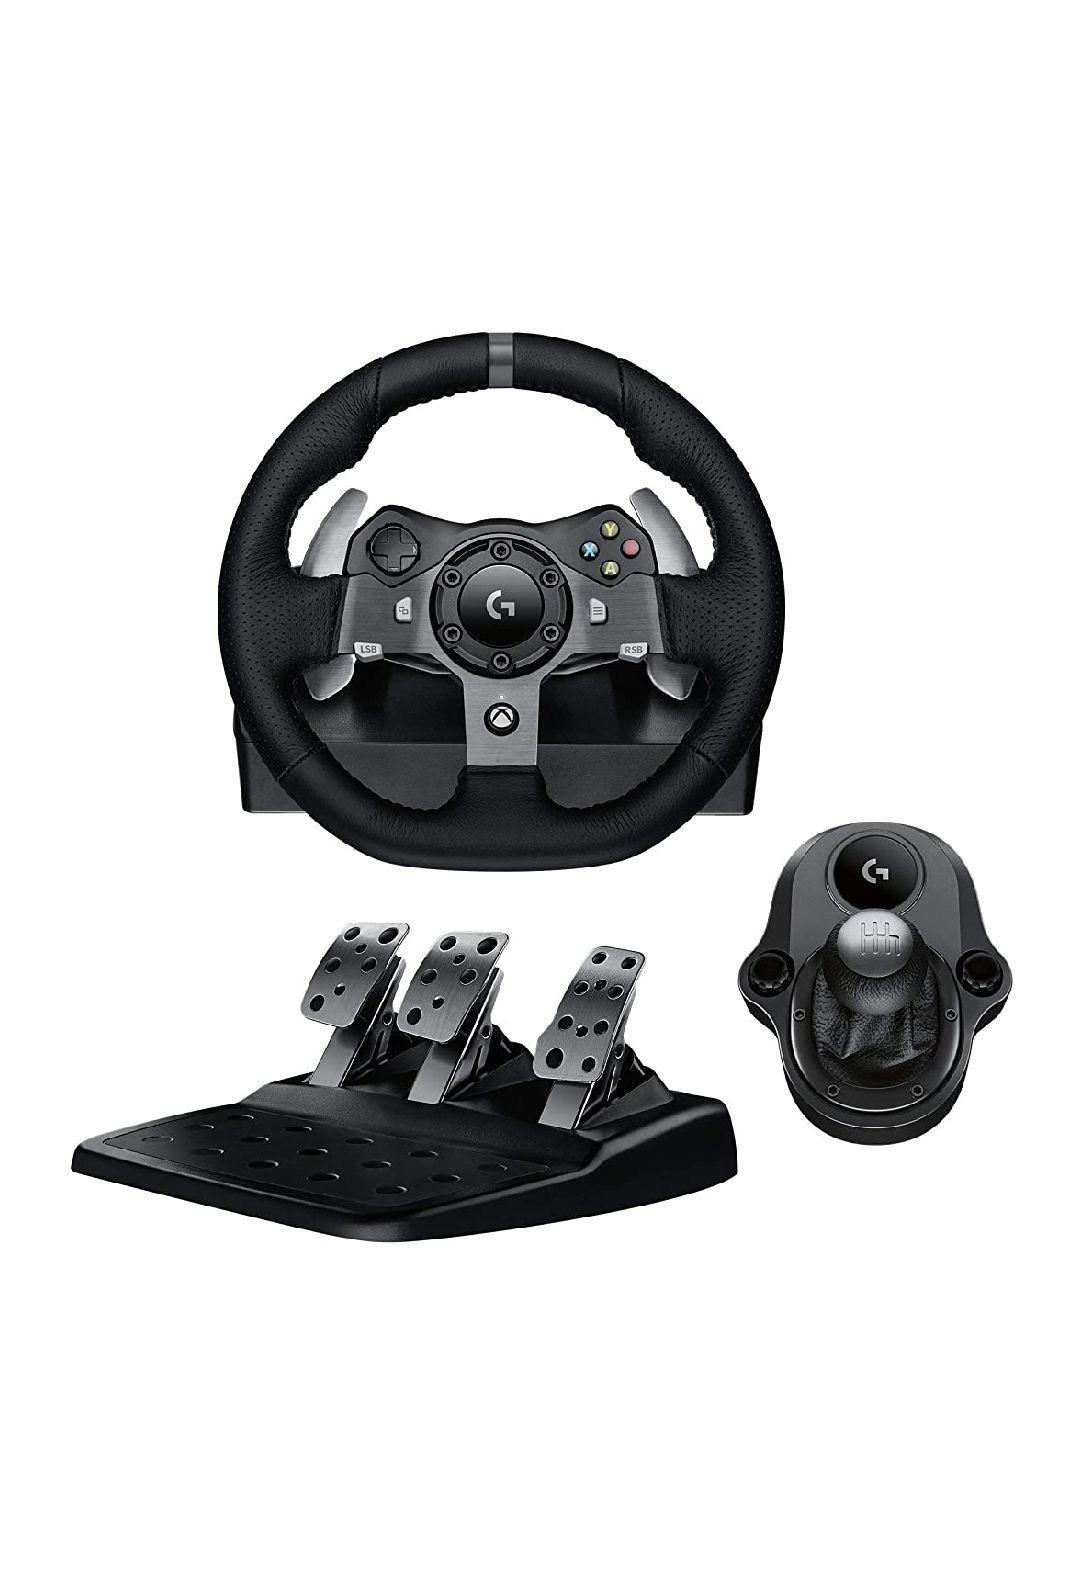 Pack Logitech volant et pédales Logitech G920 Driving Force pour PC et Xbox + Levier de vitesse